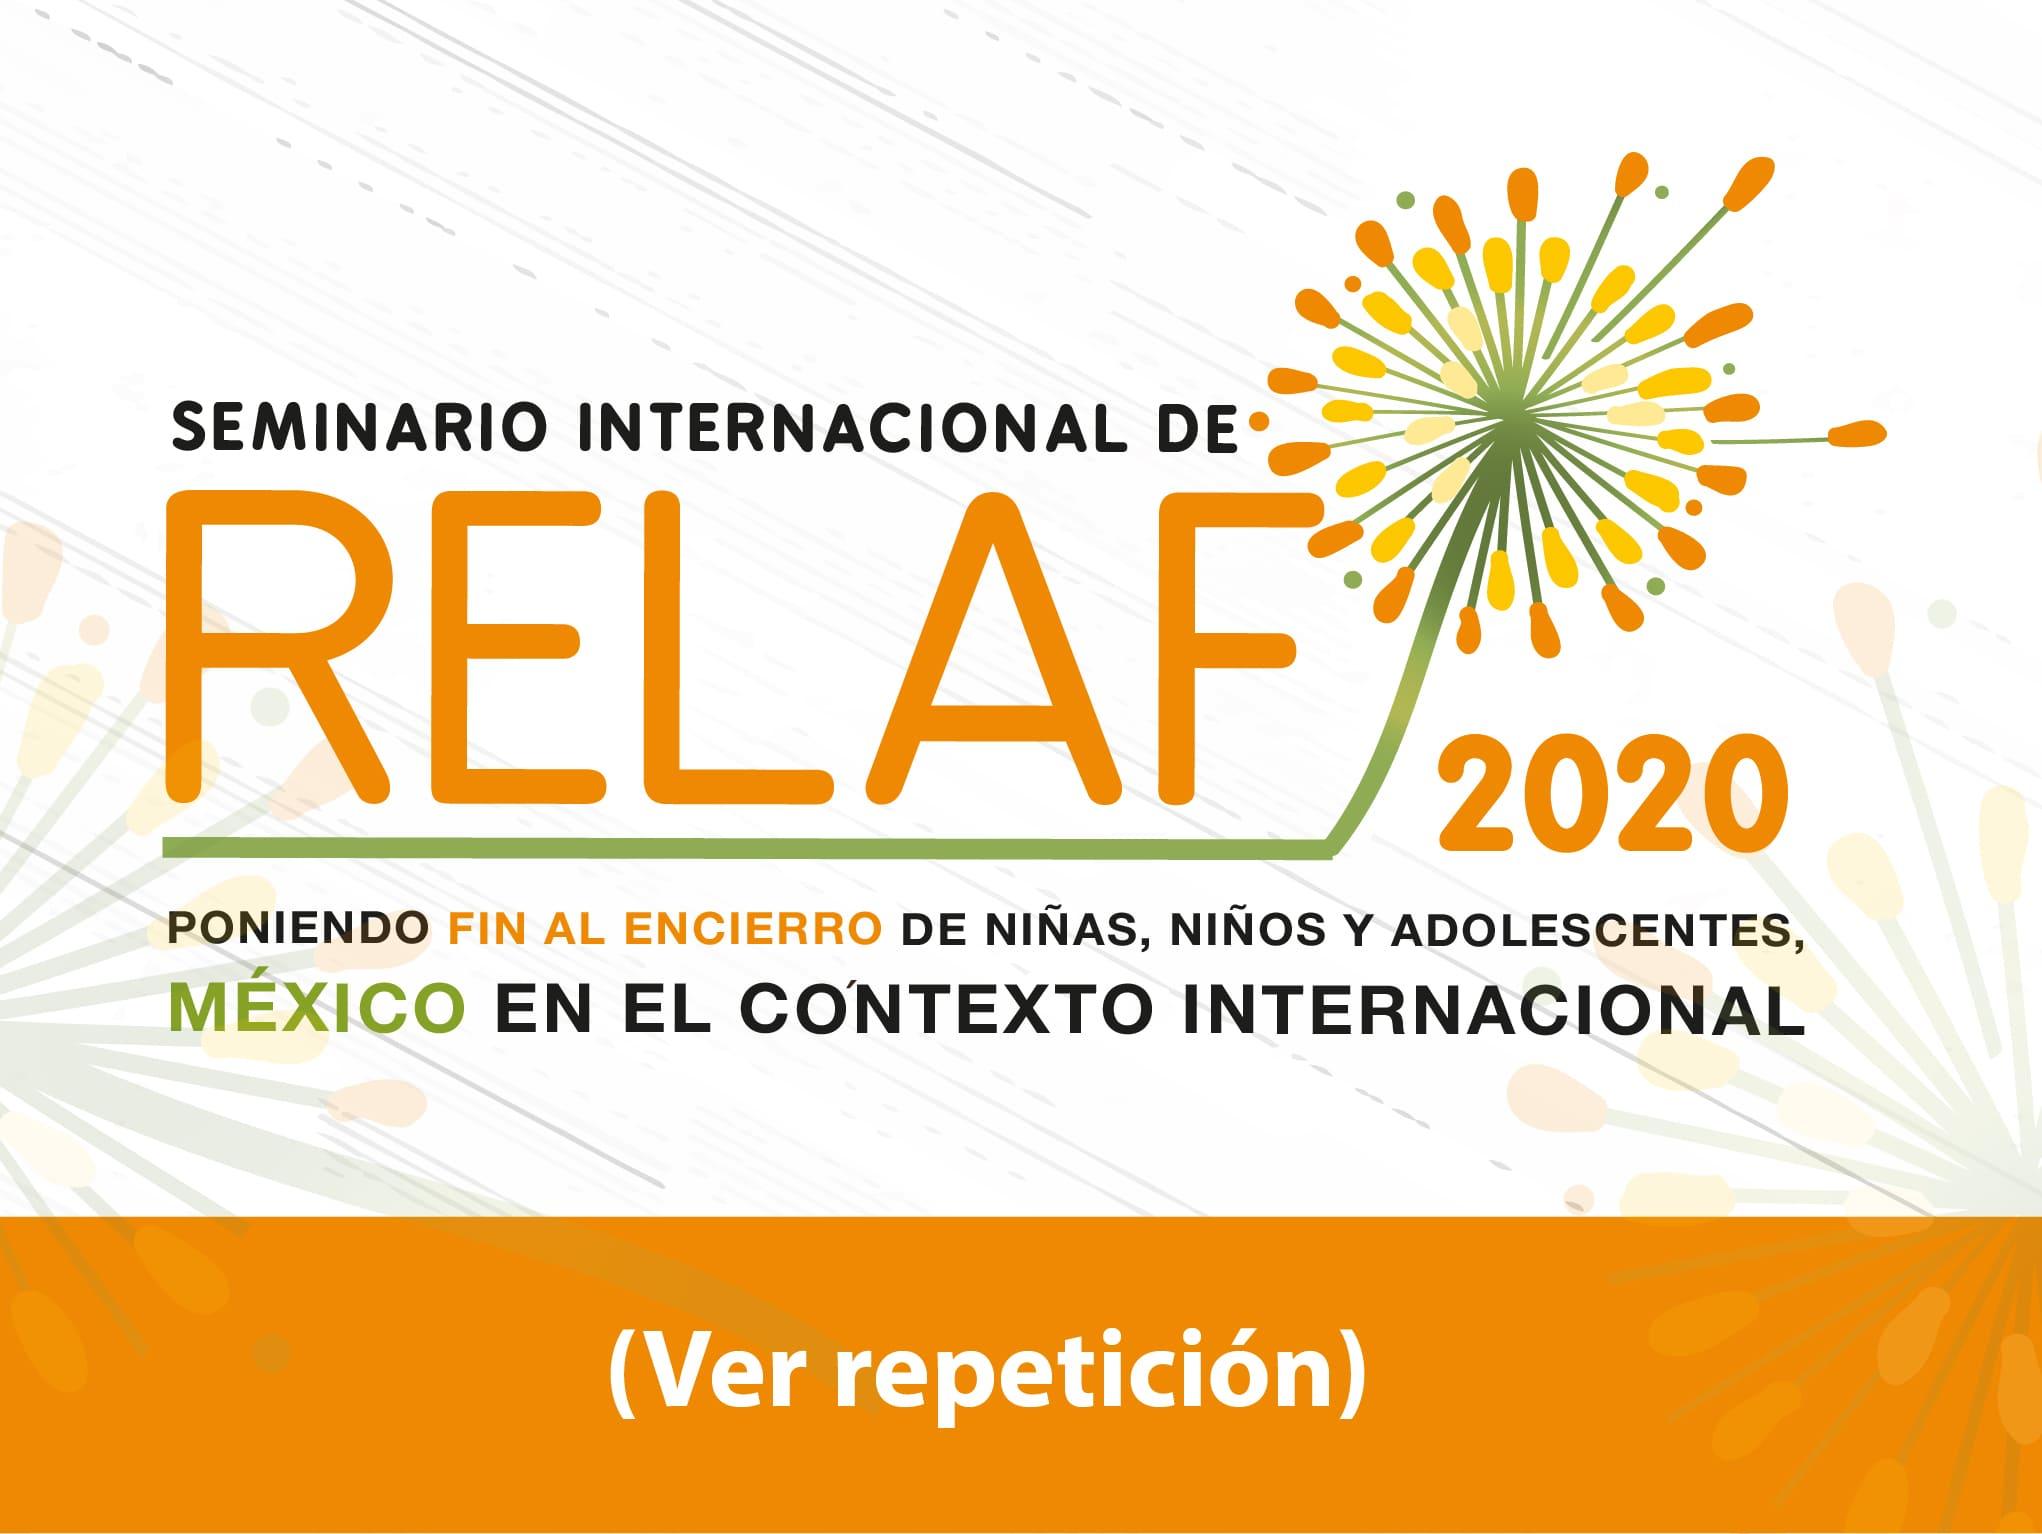 Seminario Internacional de RELAF 2020